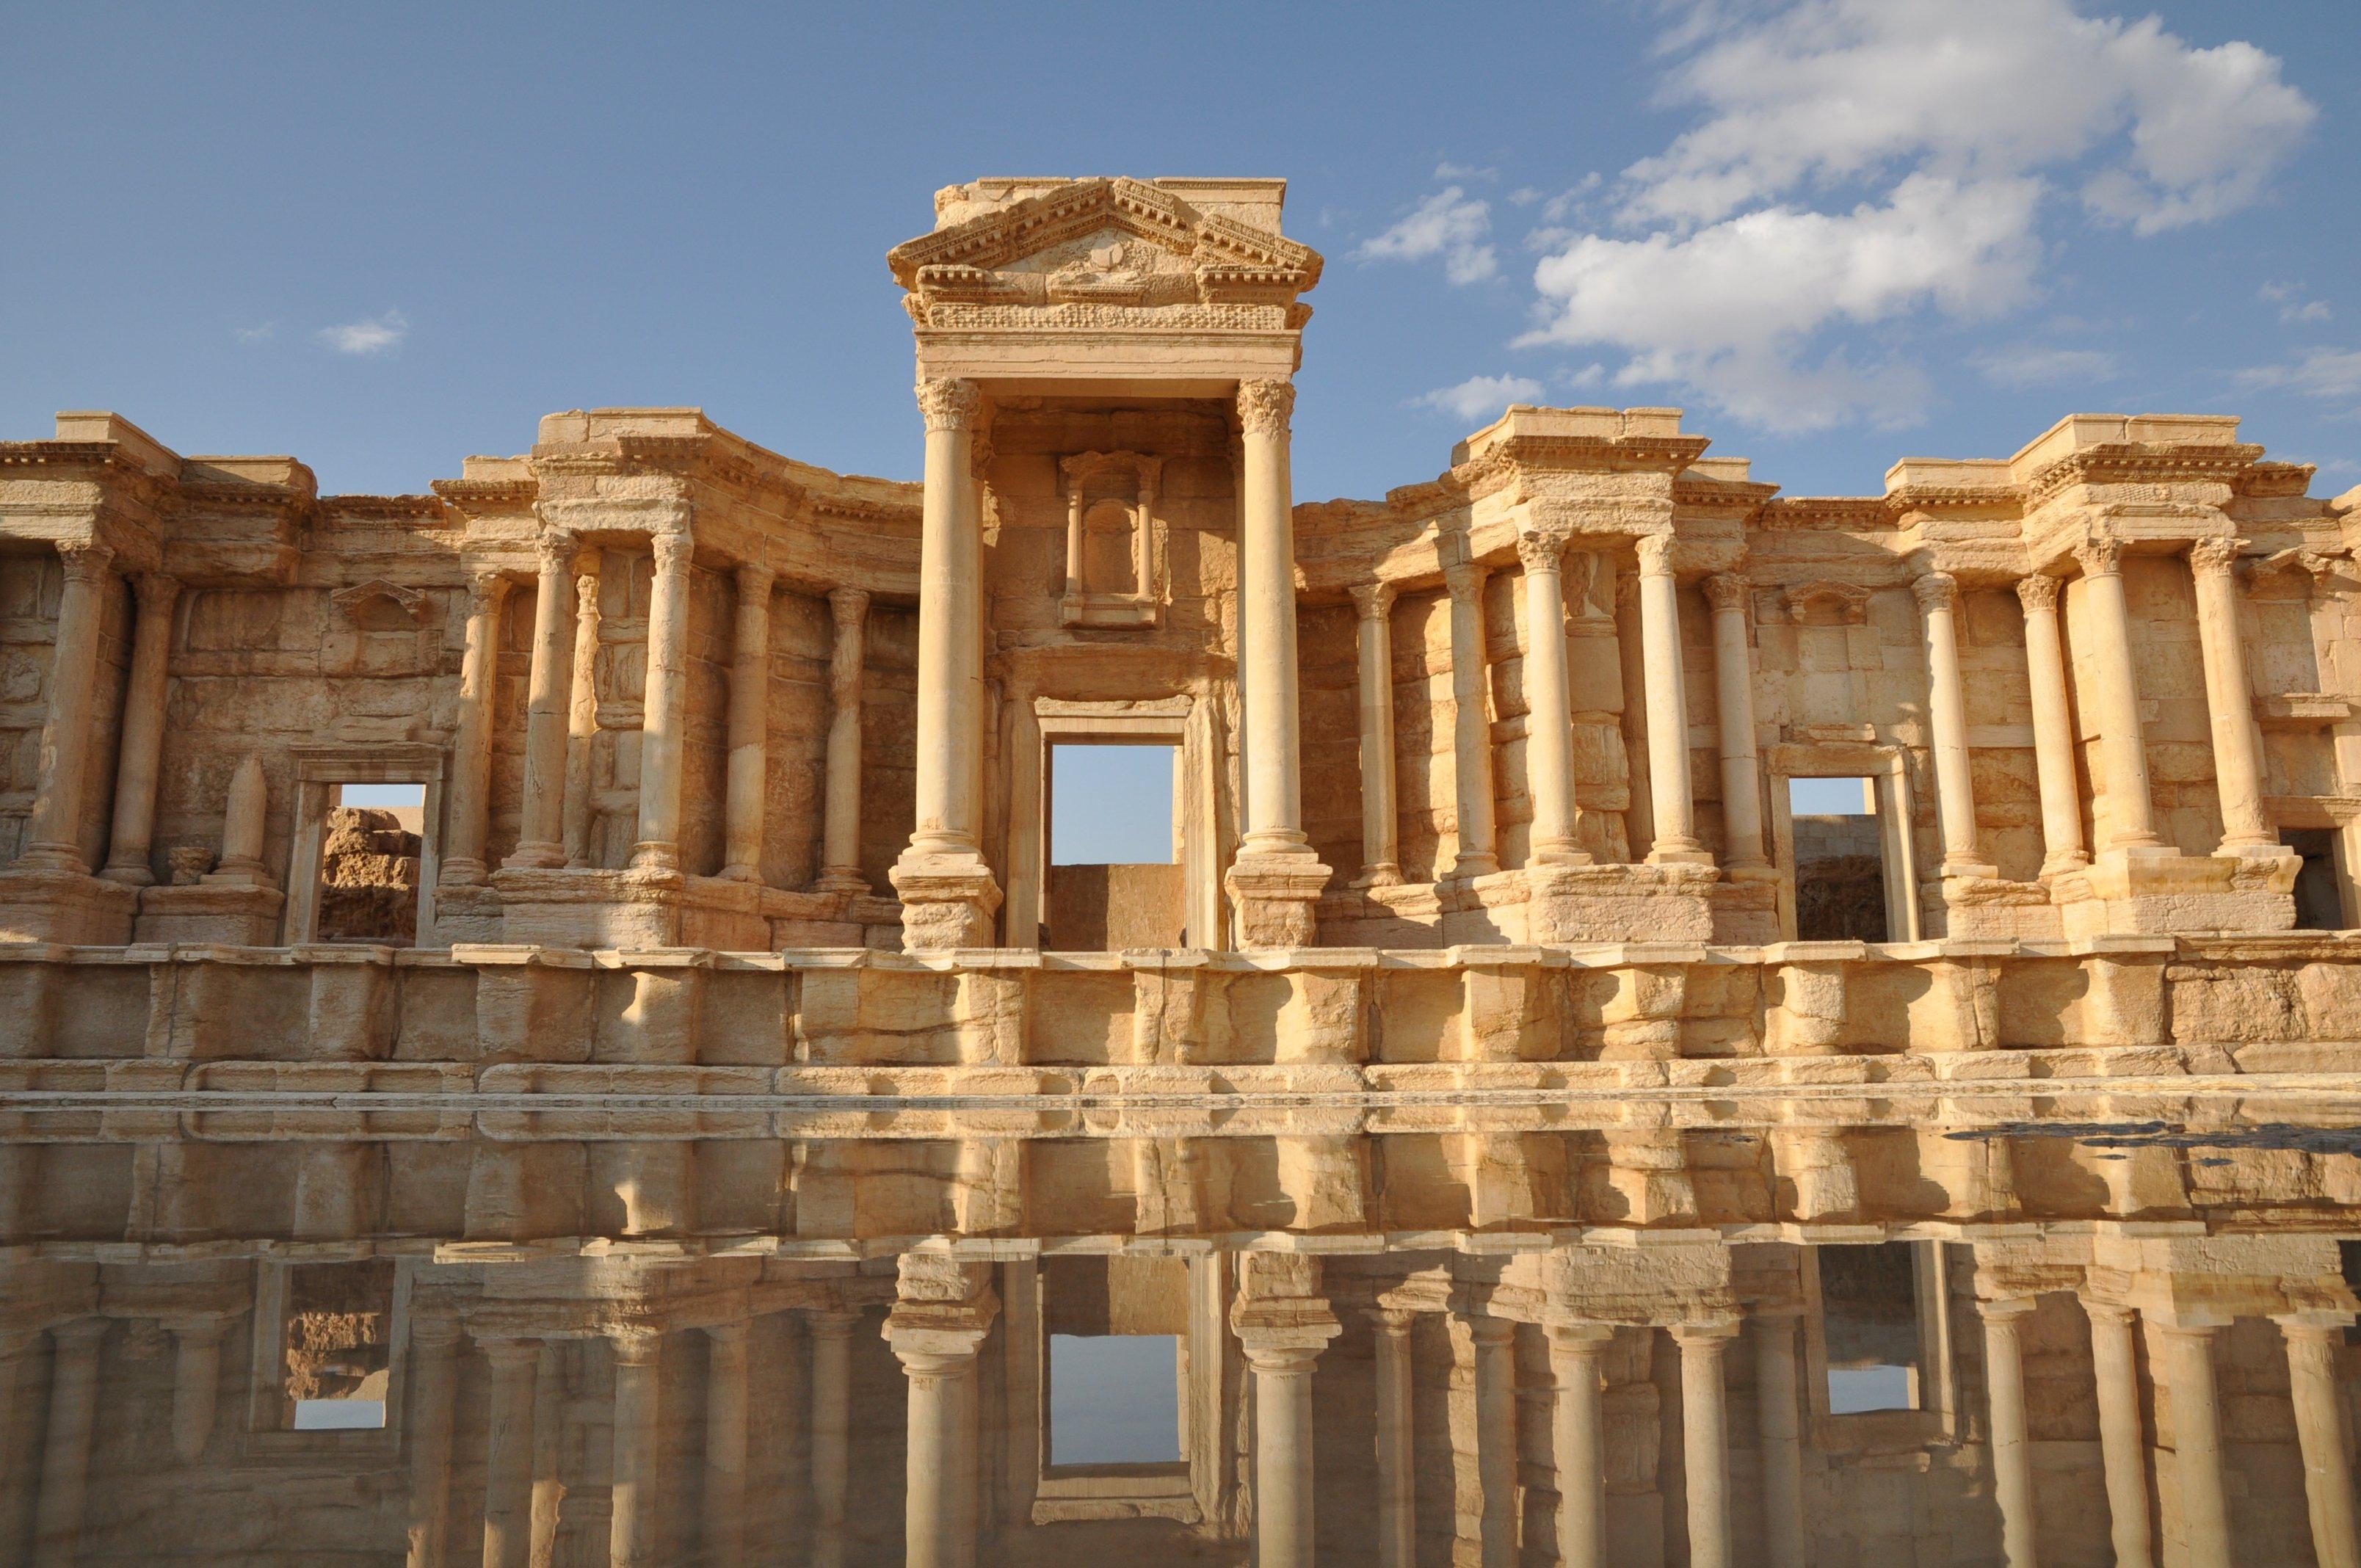 Siria palmyra verr distrutta for Citta della siria che da nome a un pino